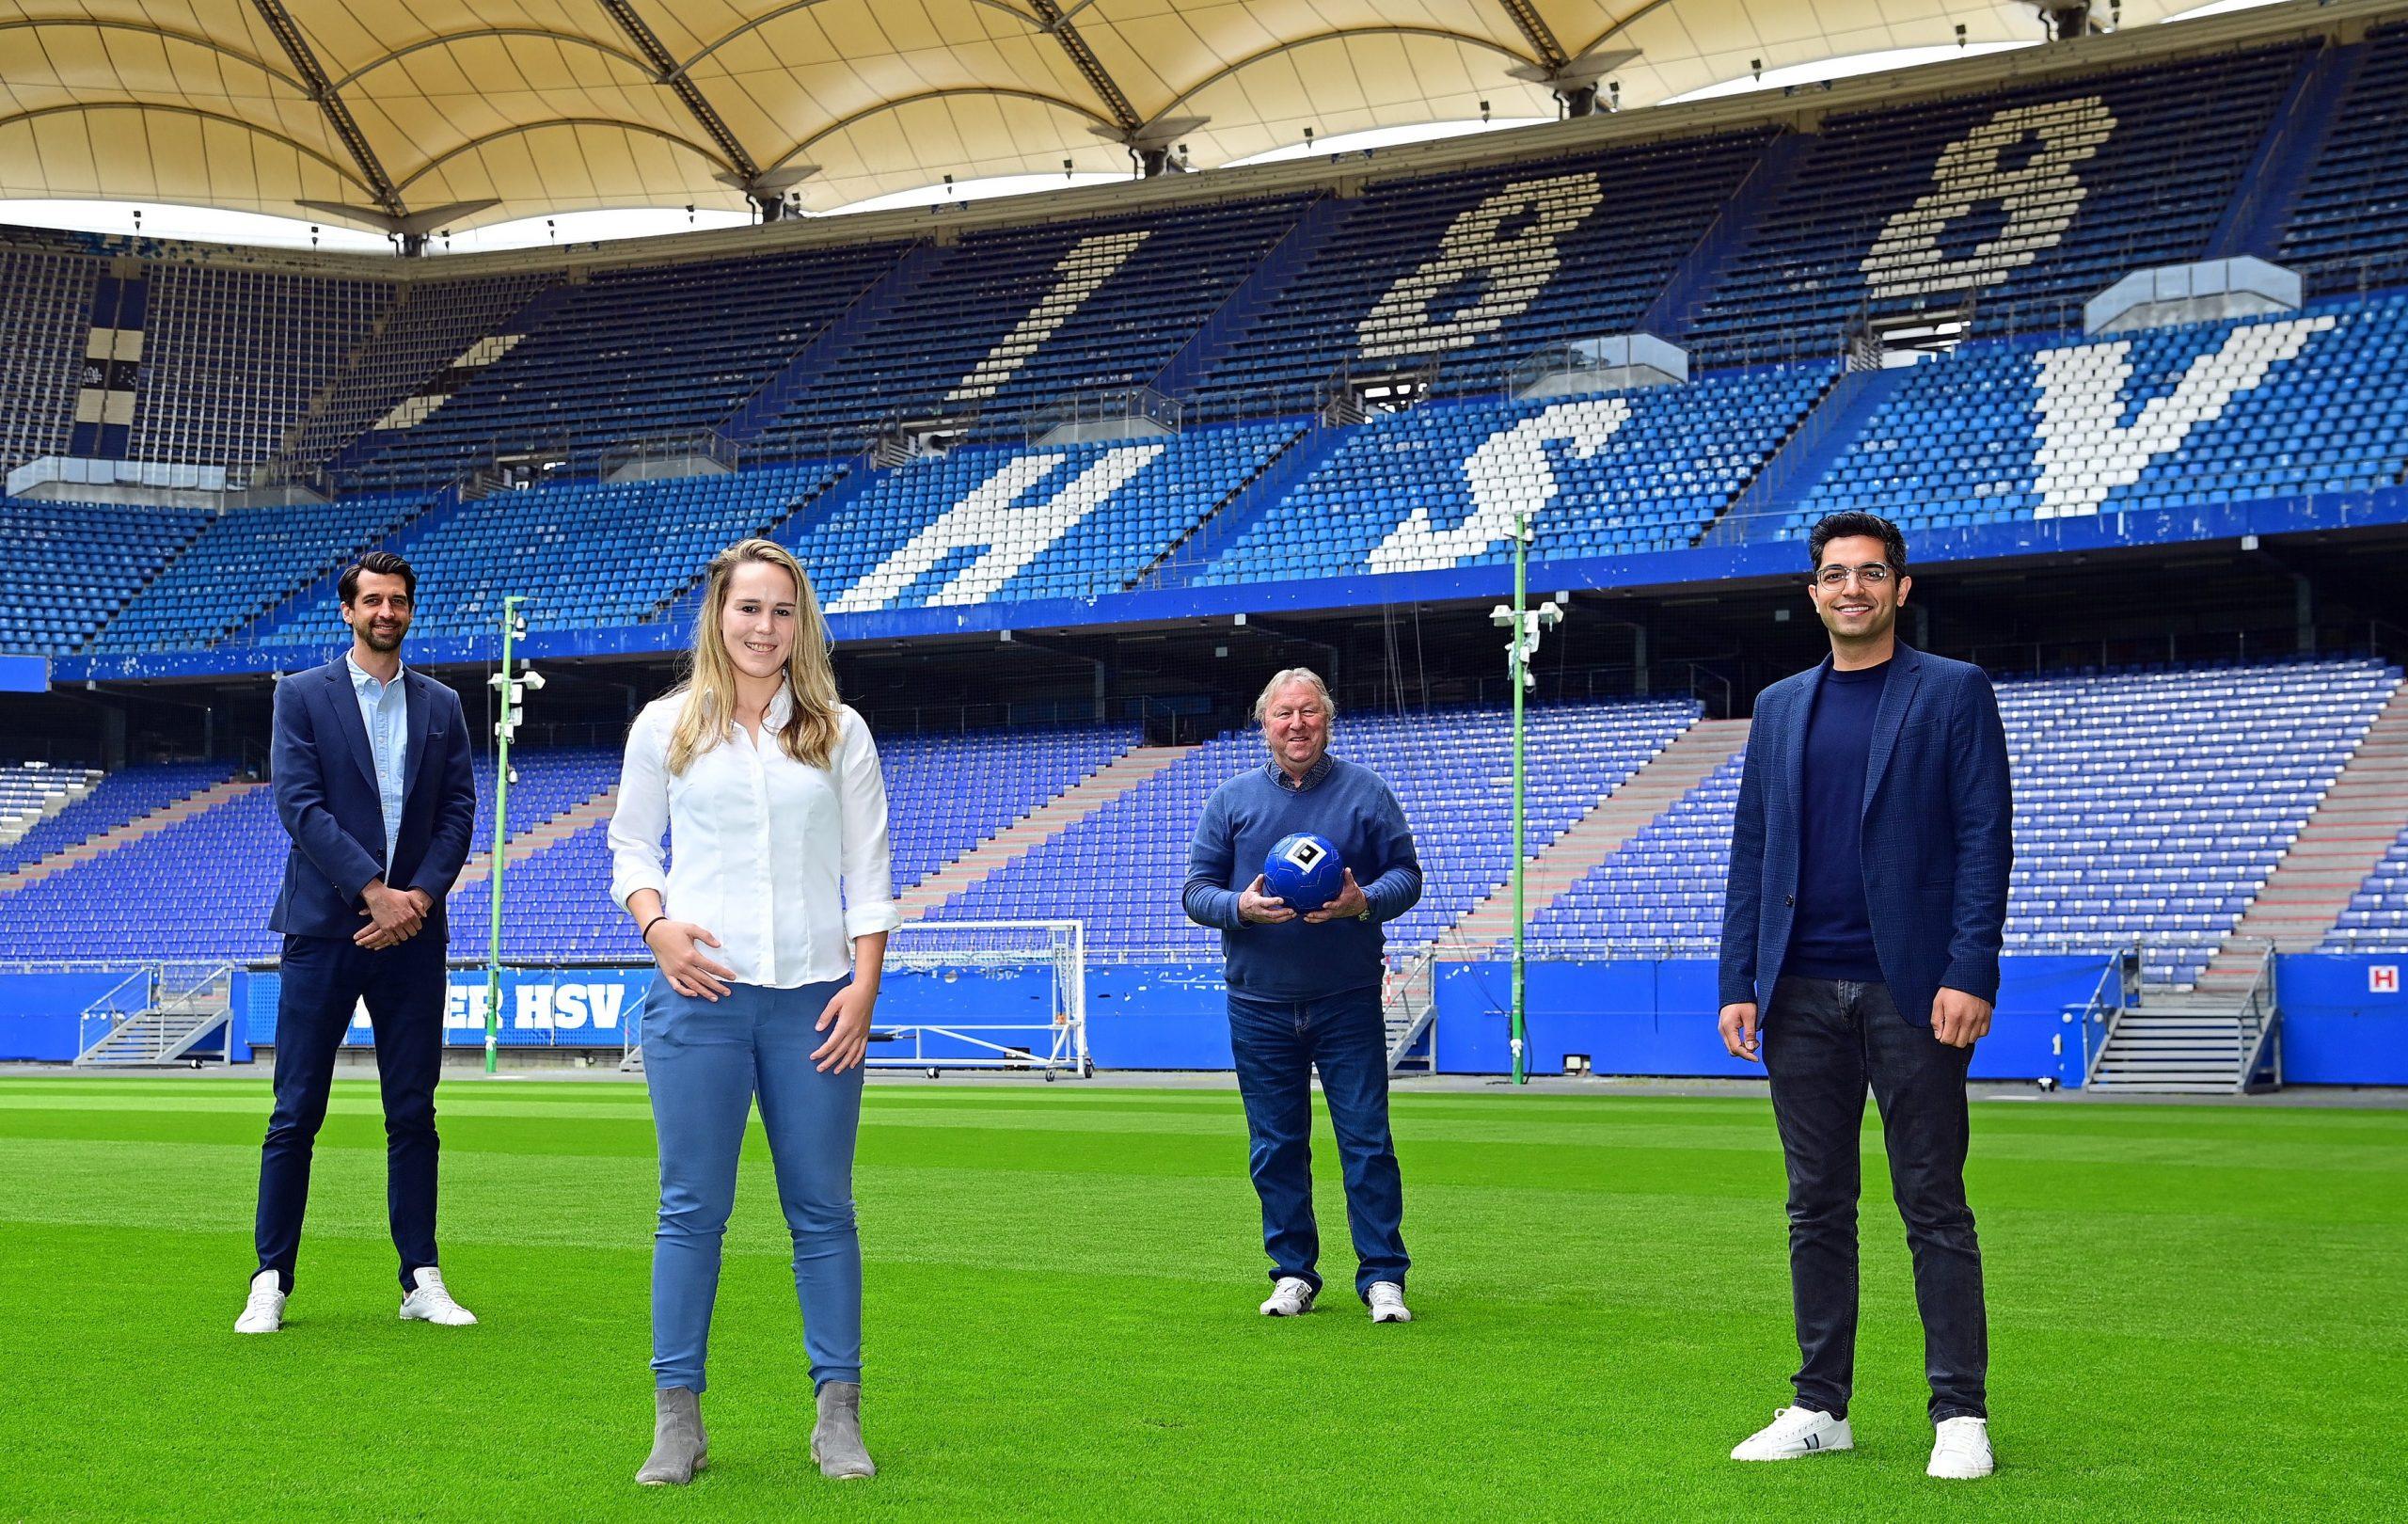 Foto: HSV/witters -Jonas Boldt (Vorstand Sport beim HSV) Catharina Schimpf (Koordinatorin Frauenfußball beim HSV) Horst Hrubesch (Direktor Nachwuchs beim HSV) und Kumar Tschana (Geschäftsführer HSV e.V.)